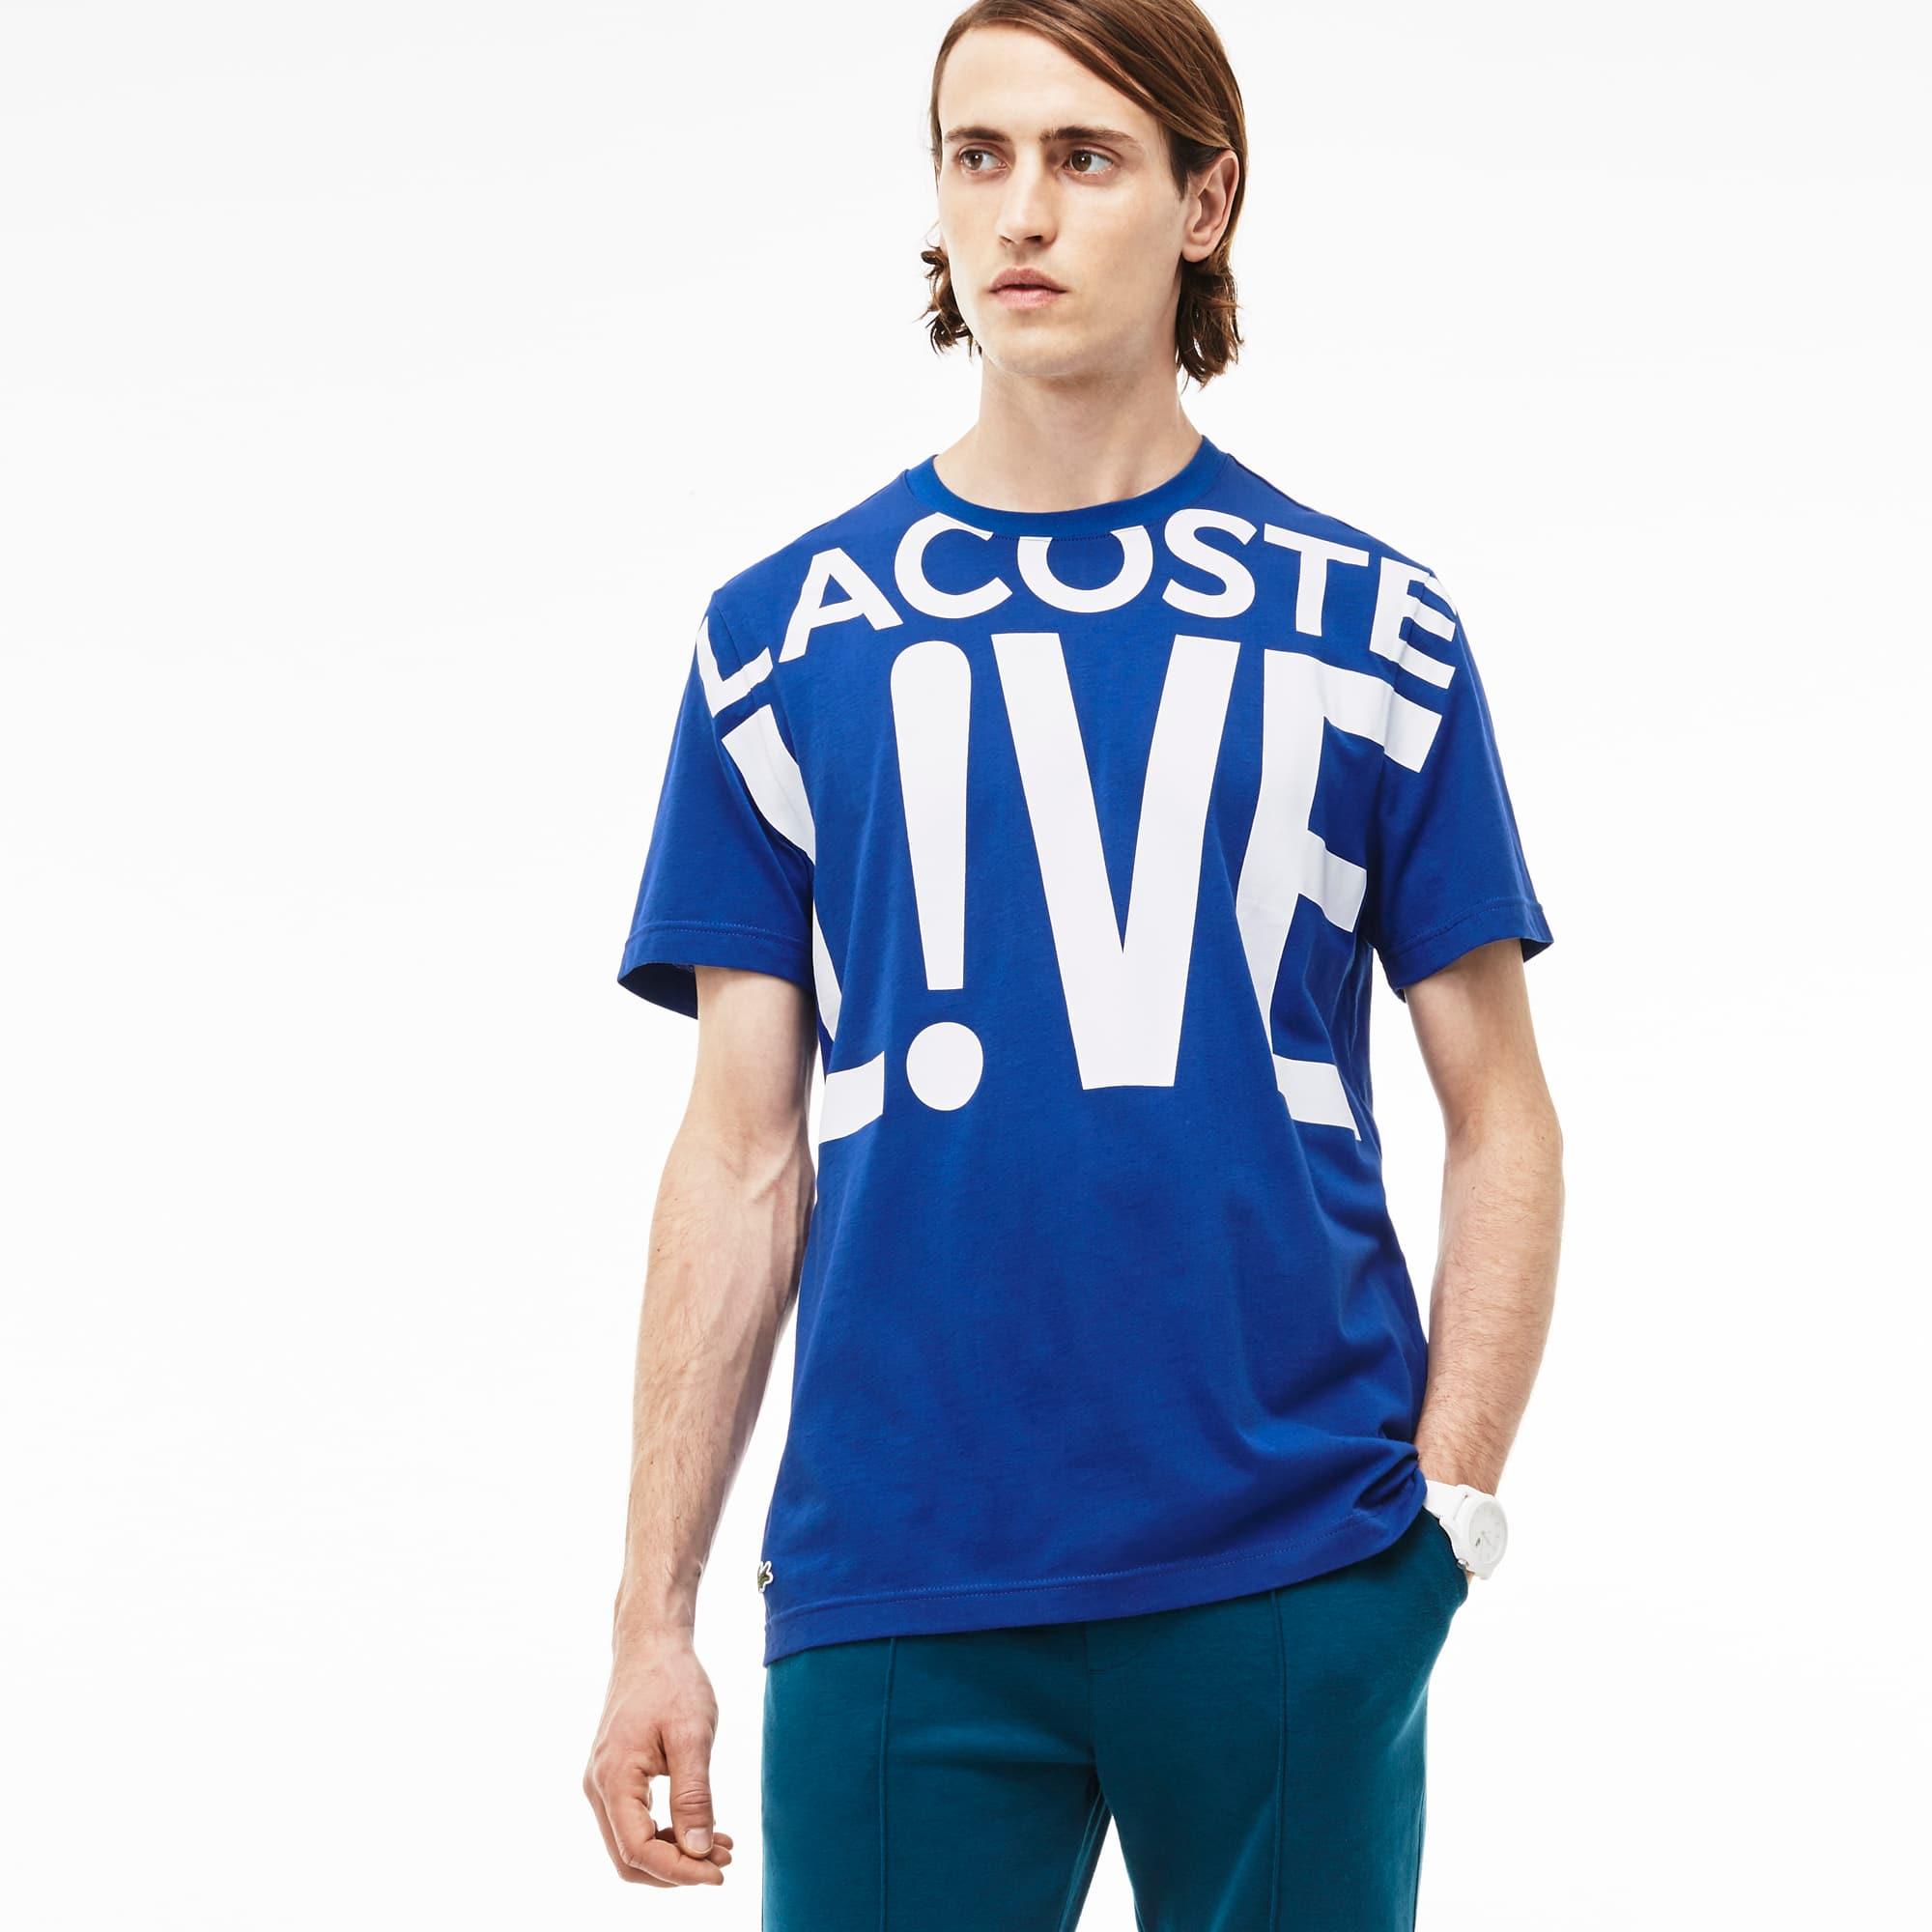 Ultra Slim Fit Rundhals-T-Shirt mit Aufdruck LACOSTE LIVE